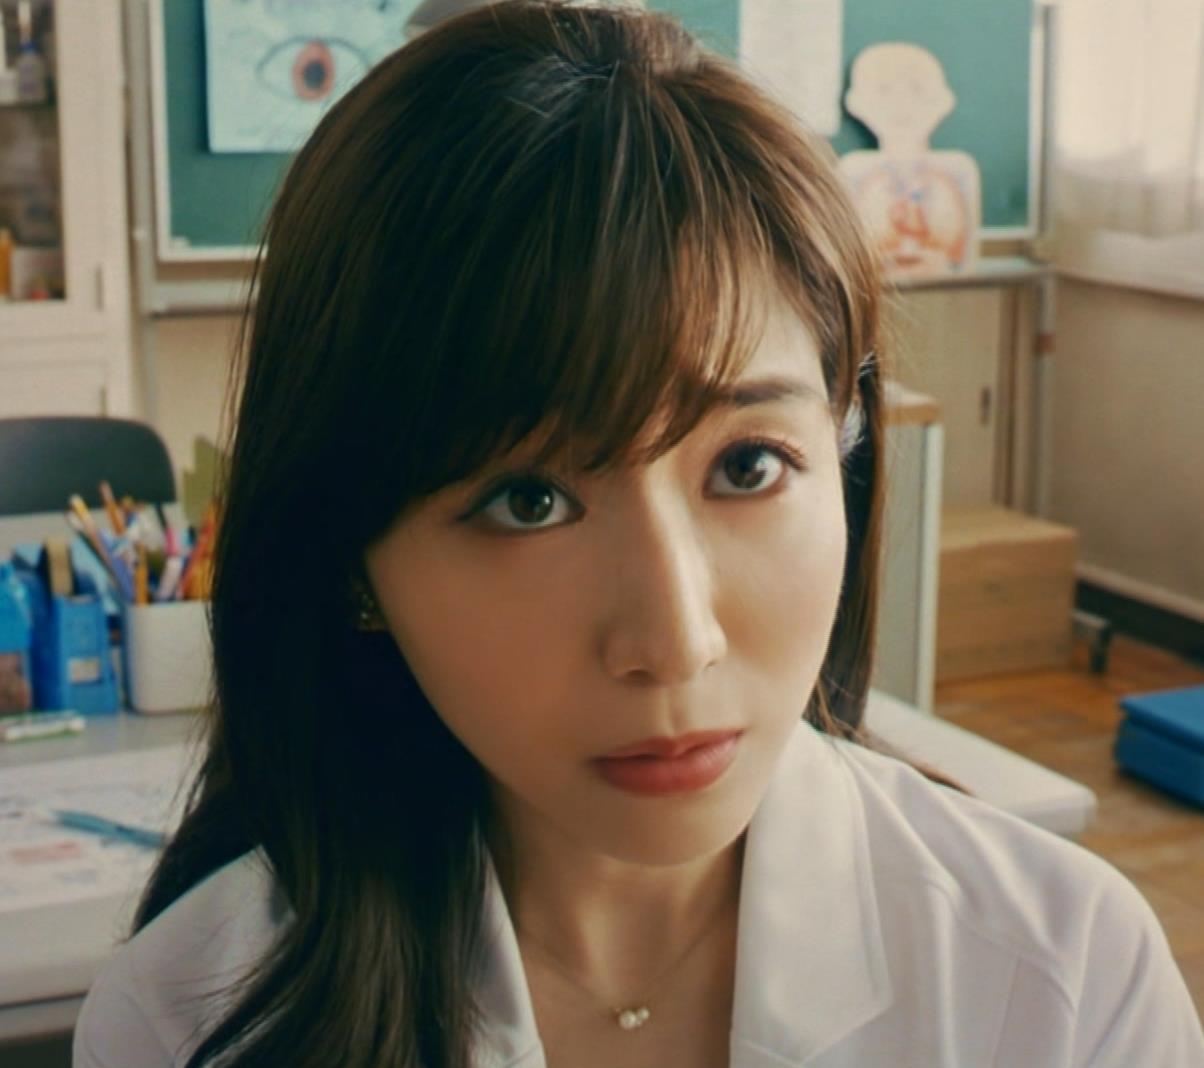 田中みな実 雰囲気エロな保健室先生役キャプ・エロ画像8